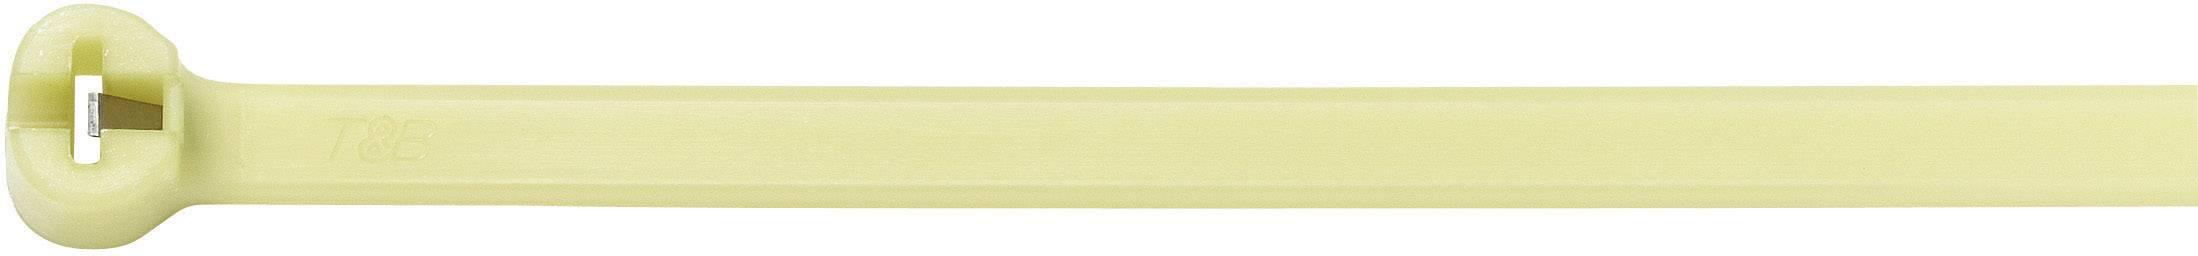 Sťahovacie pásky ABB TYHT28M TYHT28M, 360 mm, zelená, 1 ks